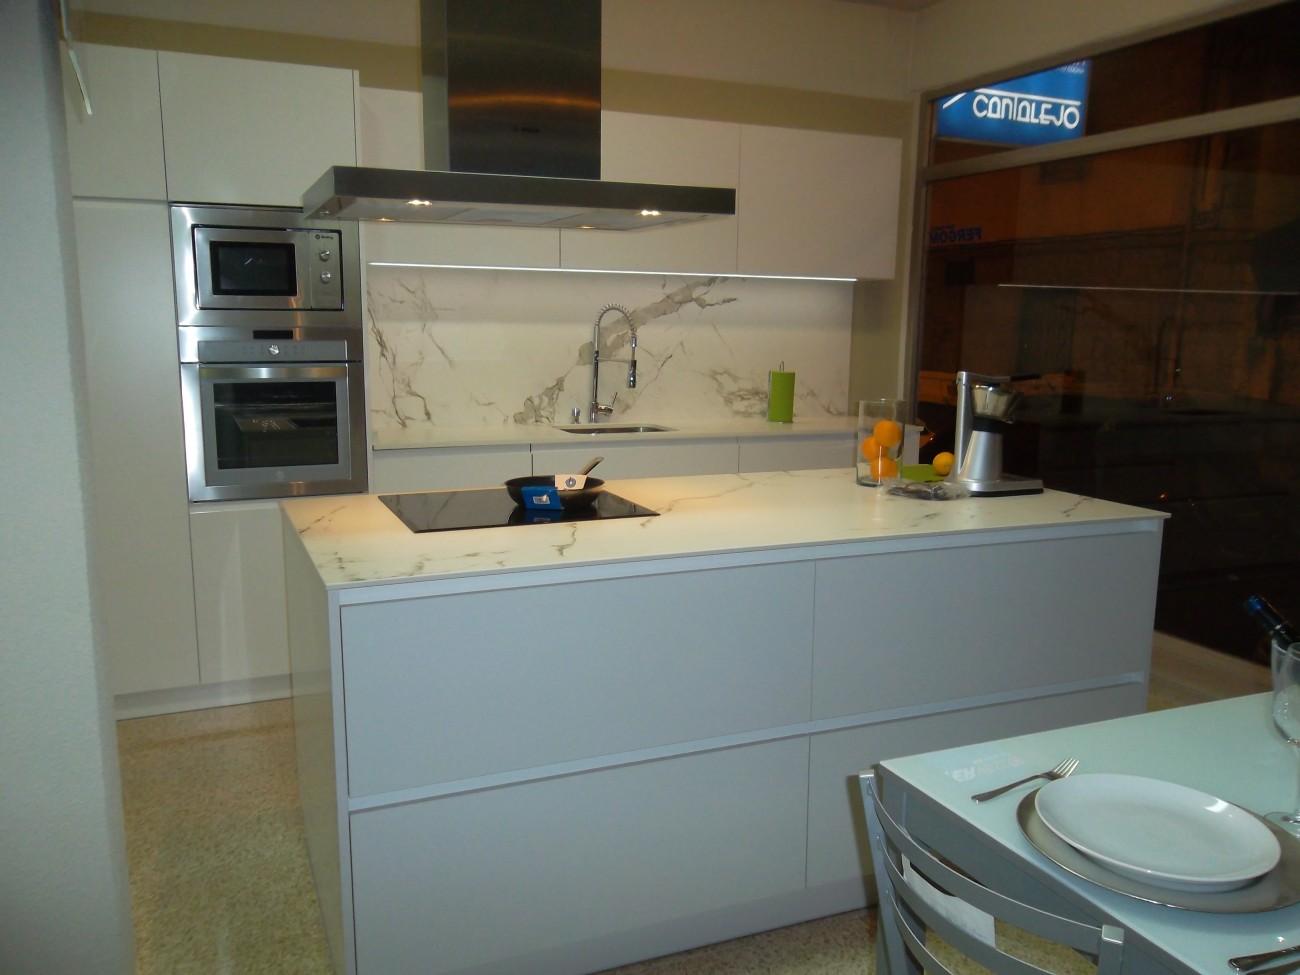 Tienda de muebles de cocina en collado villalba for Muebles anticrisis collado villalba